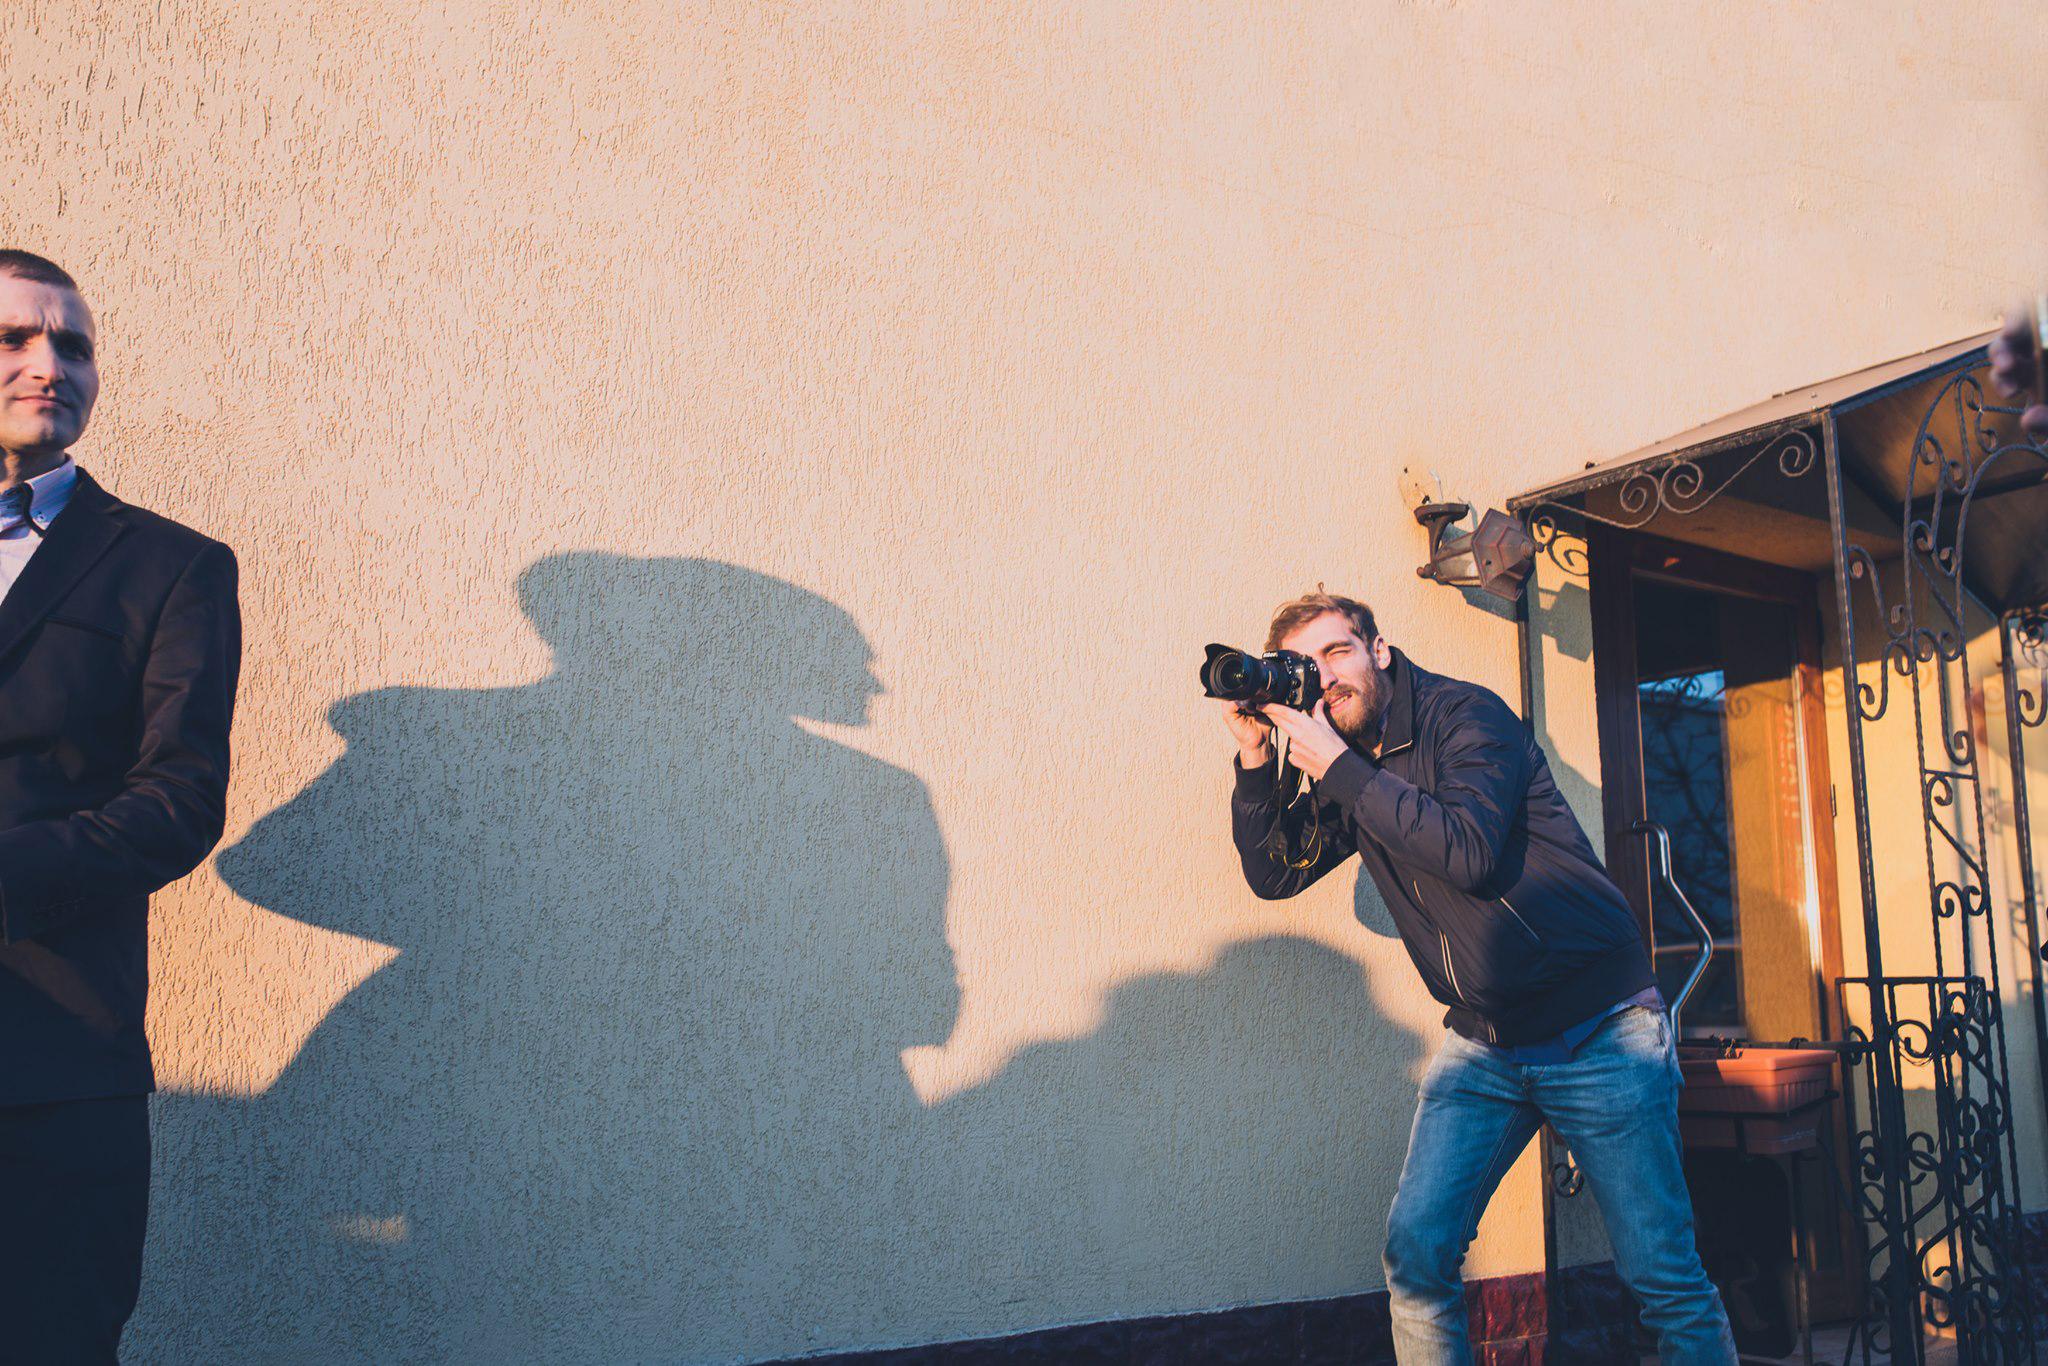 fotograf evenimente in timpul actiunii